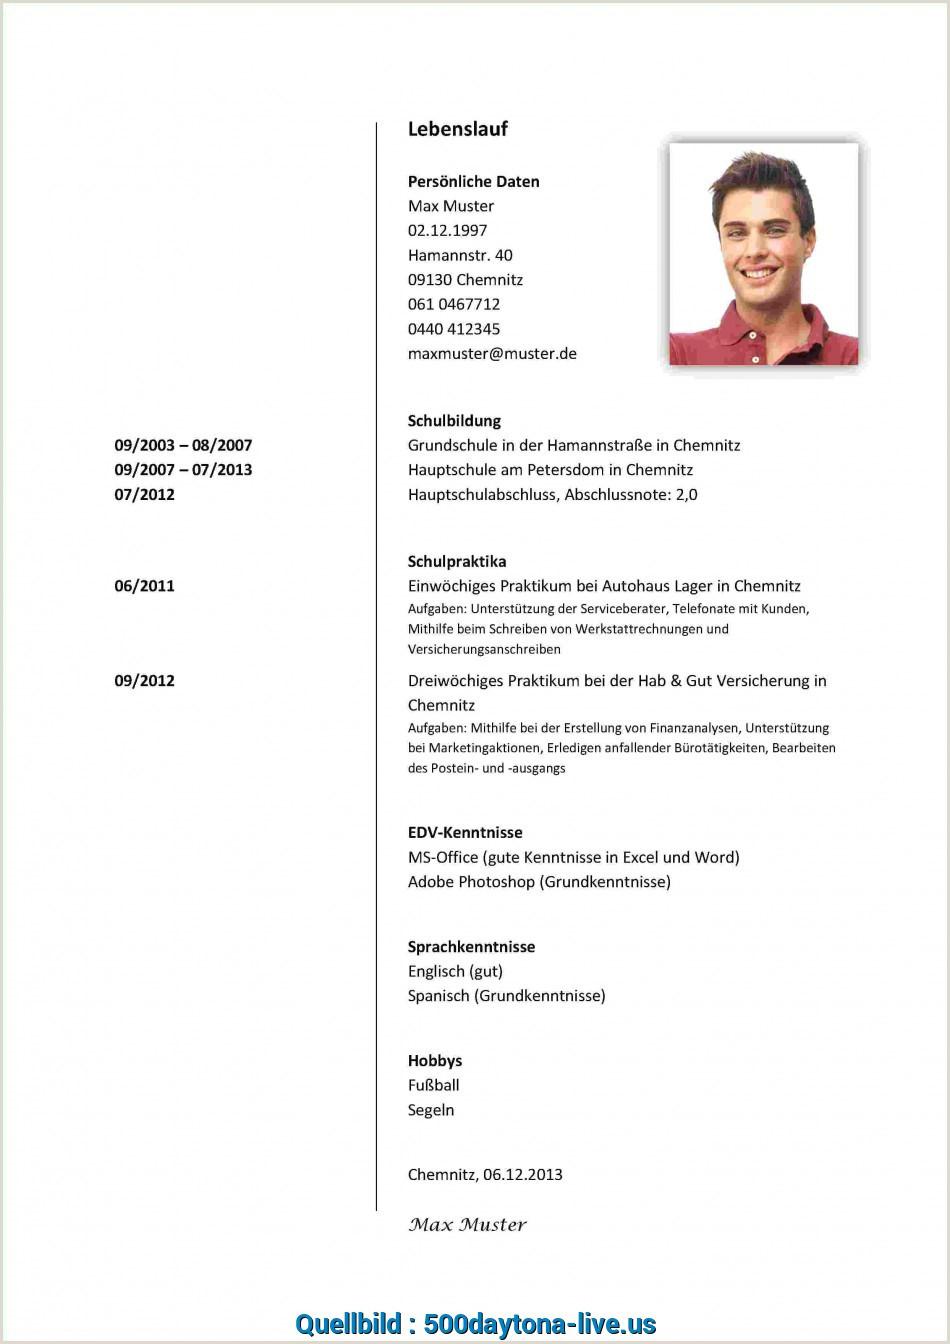 Lebenslauf Muster Chemielaborant Qualifiziert Bis Heute Englisch Lebenslauf 7 Lebenslauf